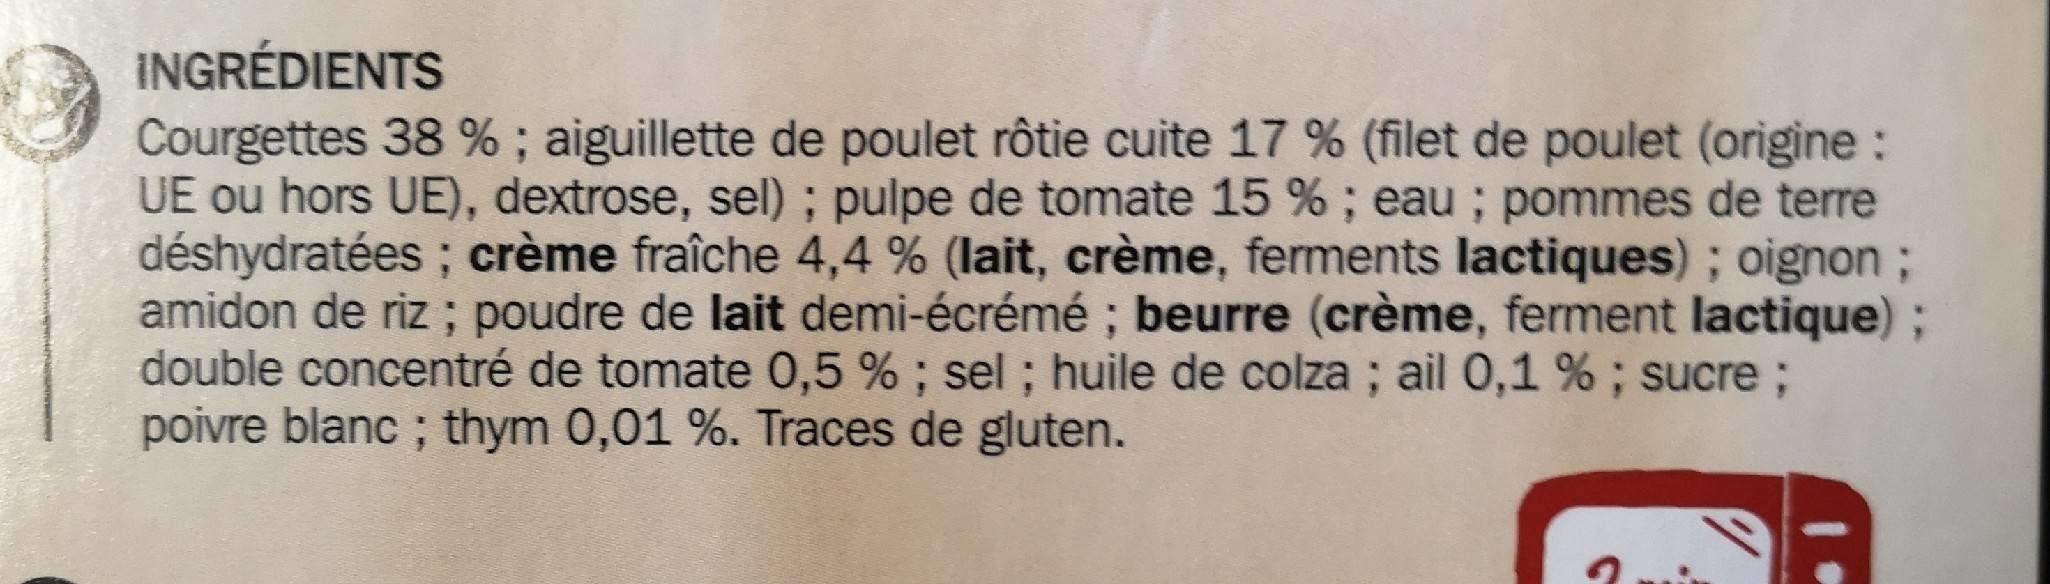 Poulet tomate puree courgette - Ingrédients